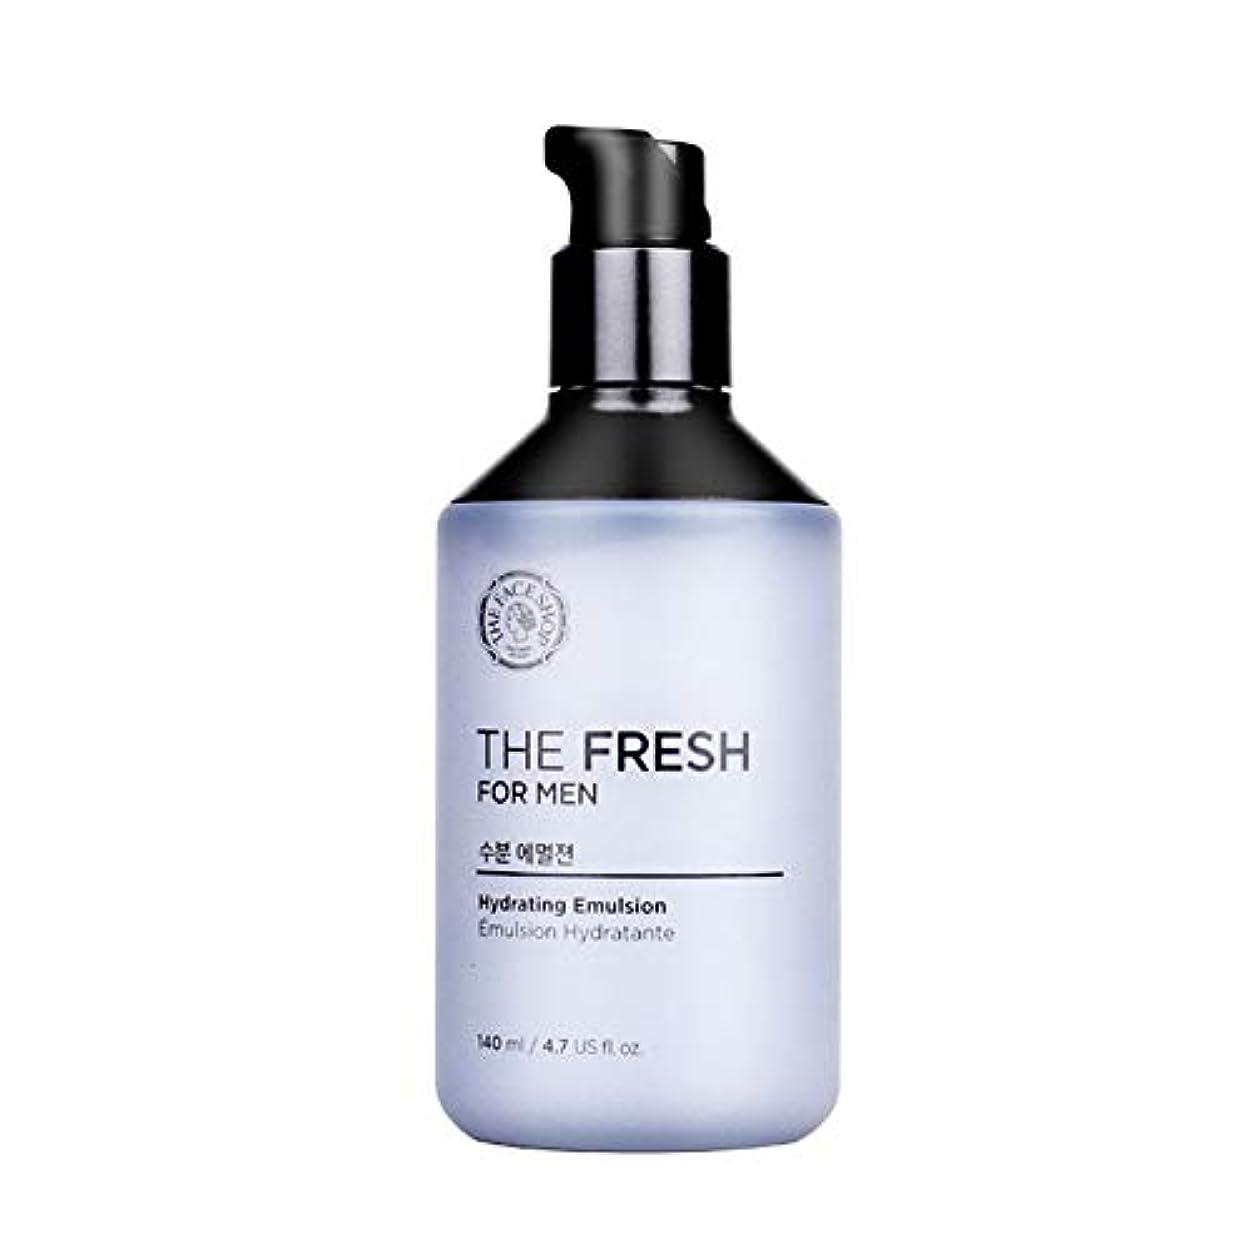 つまずくメロディアスアクセシブルザ?フェイスショップザ?フレッシュフォーマン水分エマルジョン140mlメンズコスメ、The Face Shop The Fresh For Men Hydrating Emulsion 140ml Men's Cosmetics...